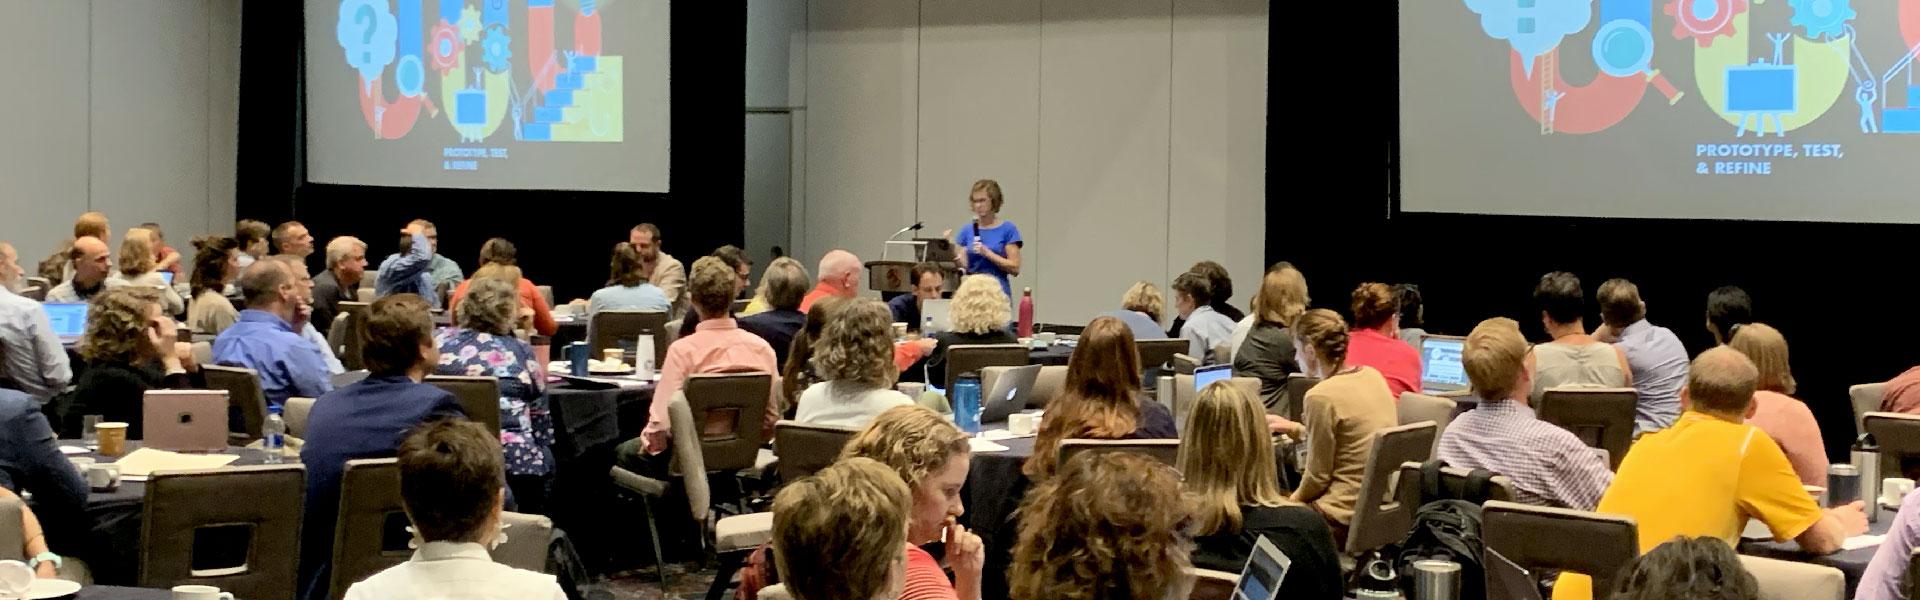 MTC Symposium Image